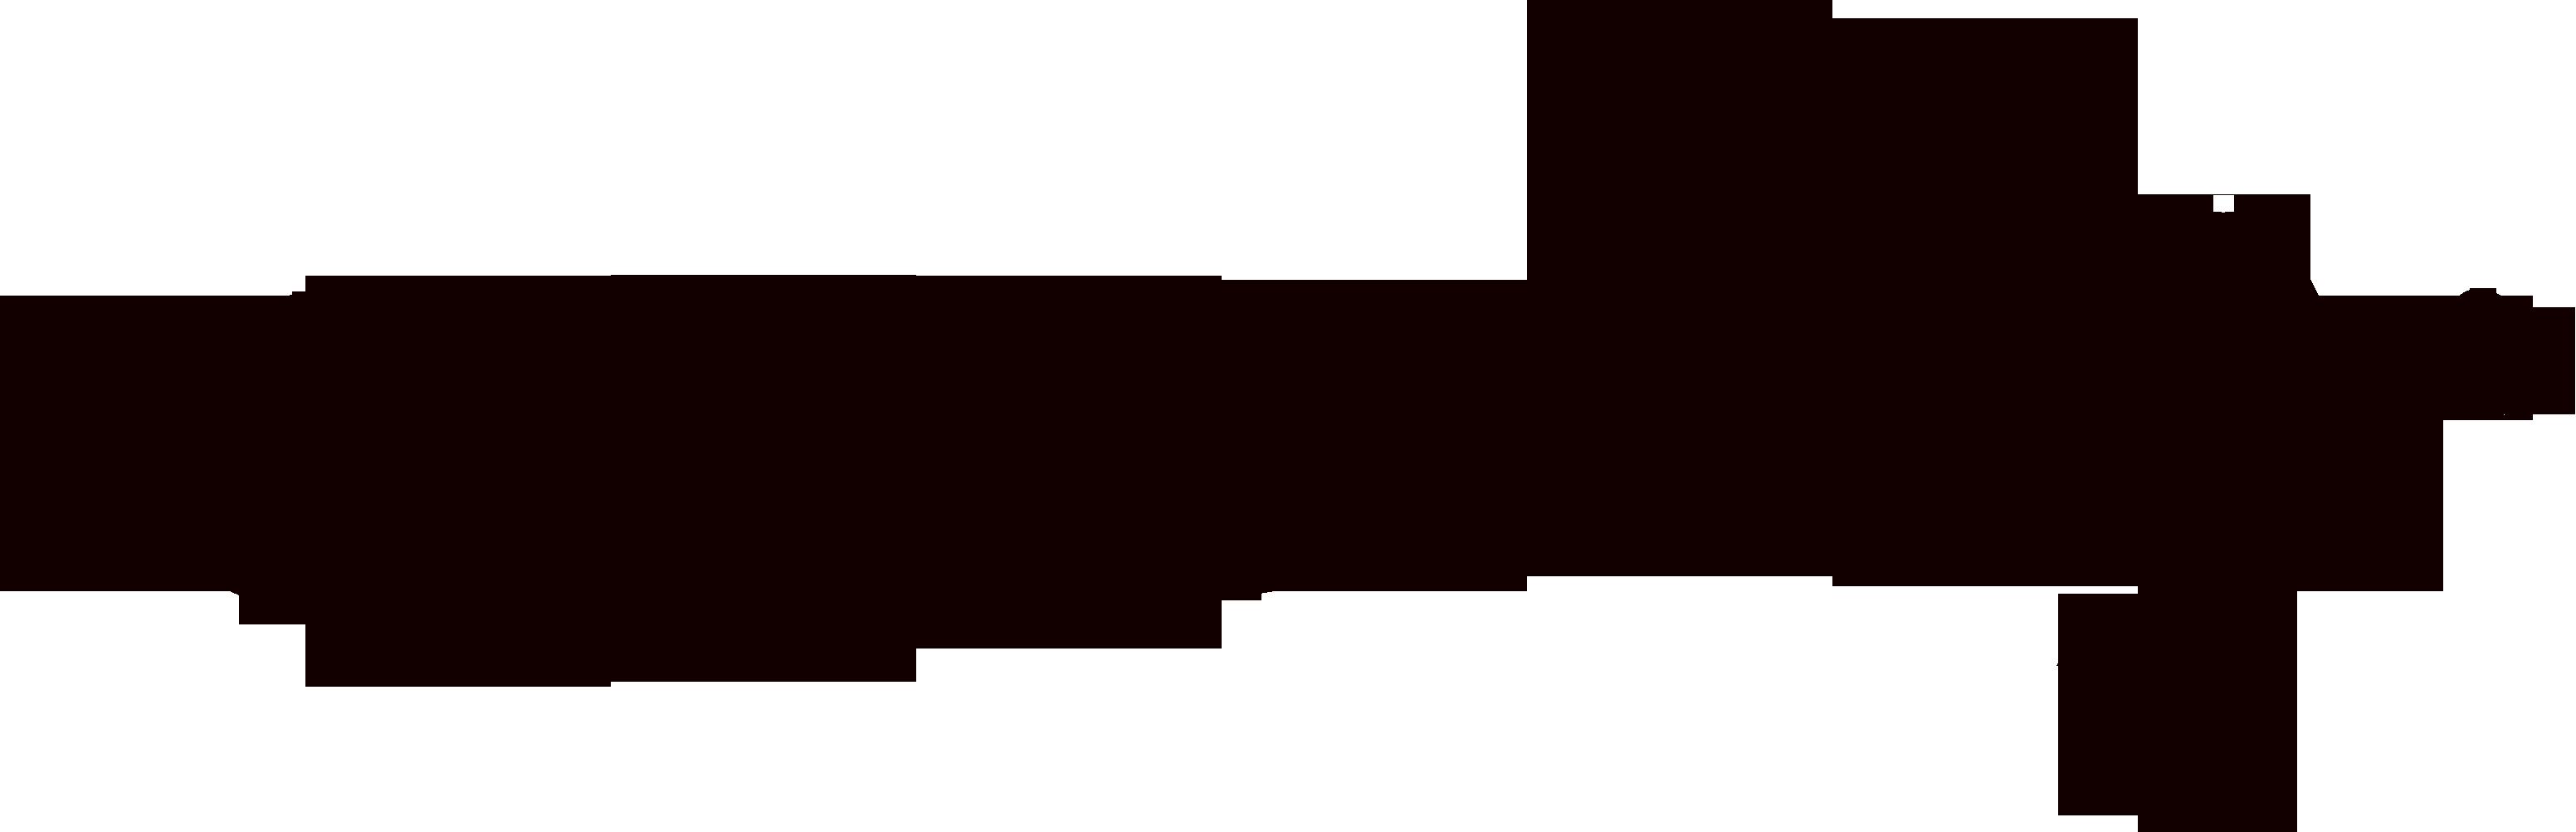 nTBM78B8c.png